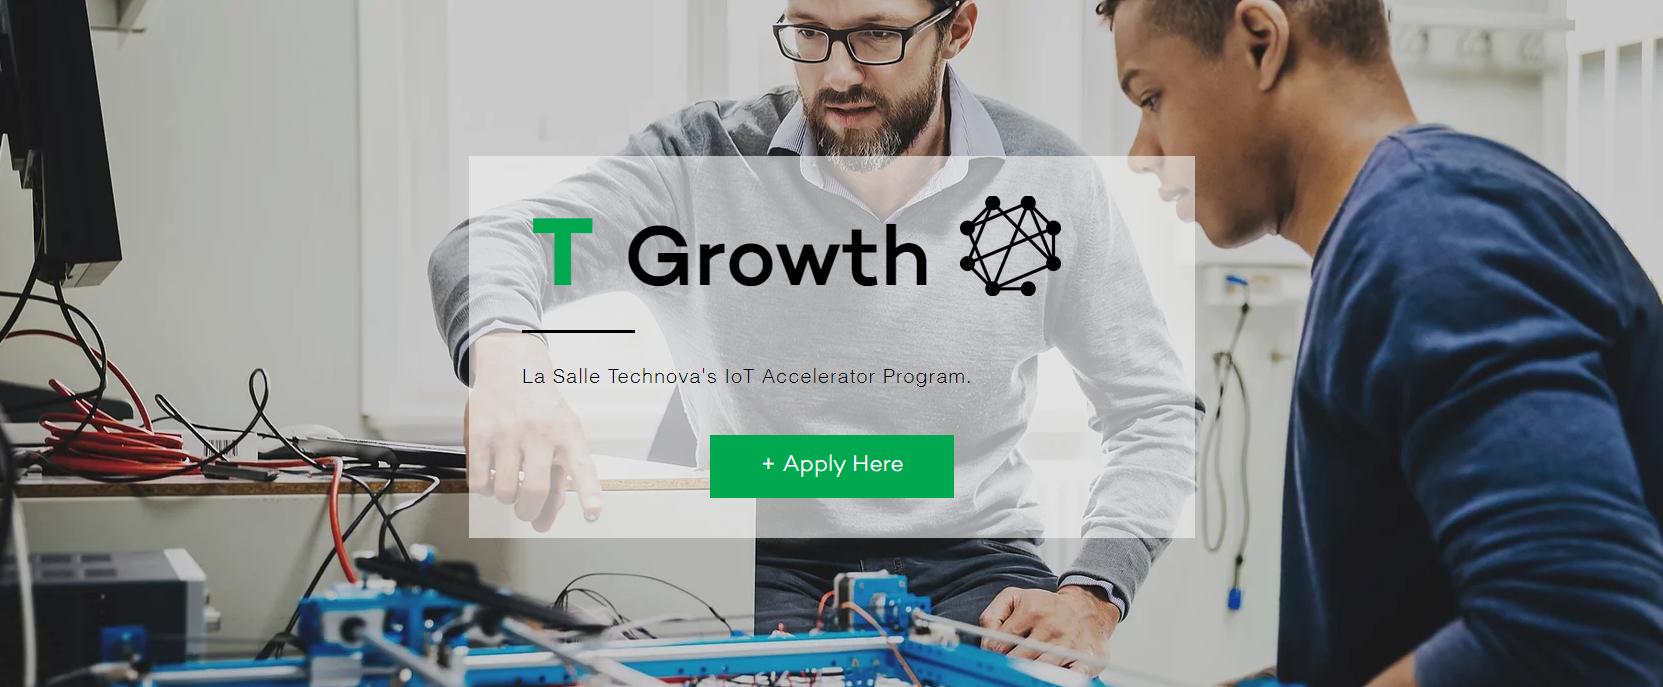 Sesiones Corporate del Programa T-GROWTH IoT LA SALLE TECHNOVA (Nov'21)